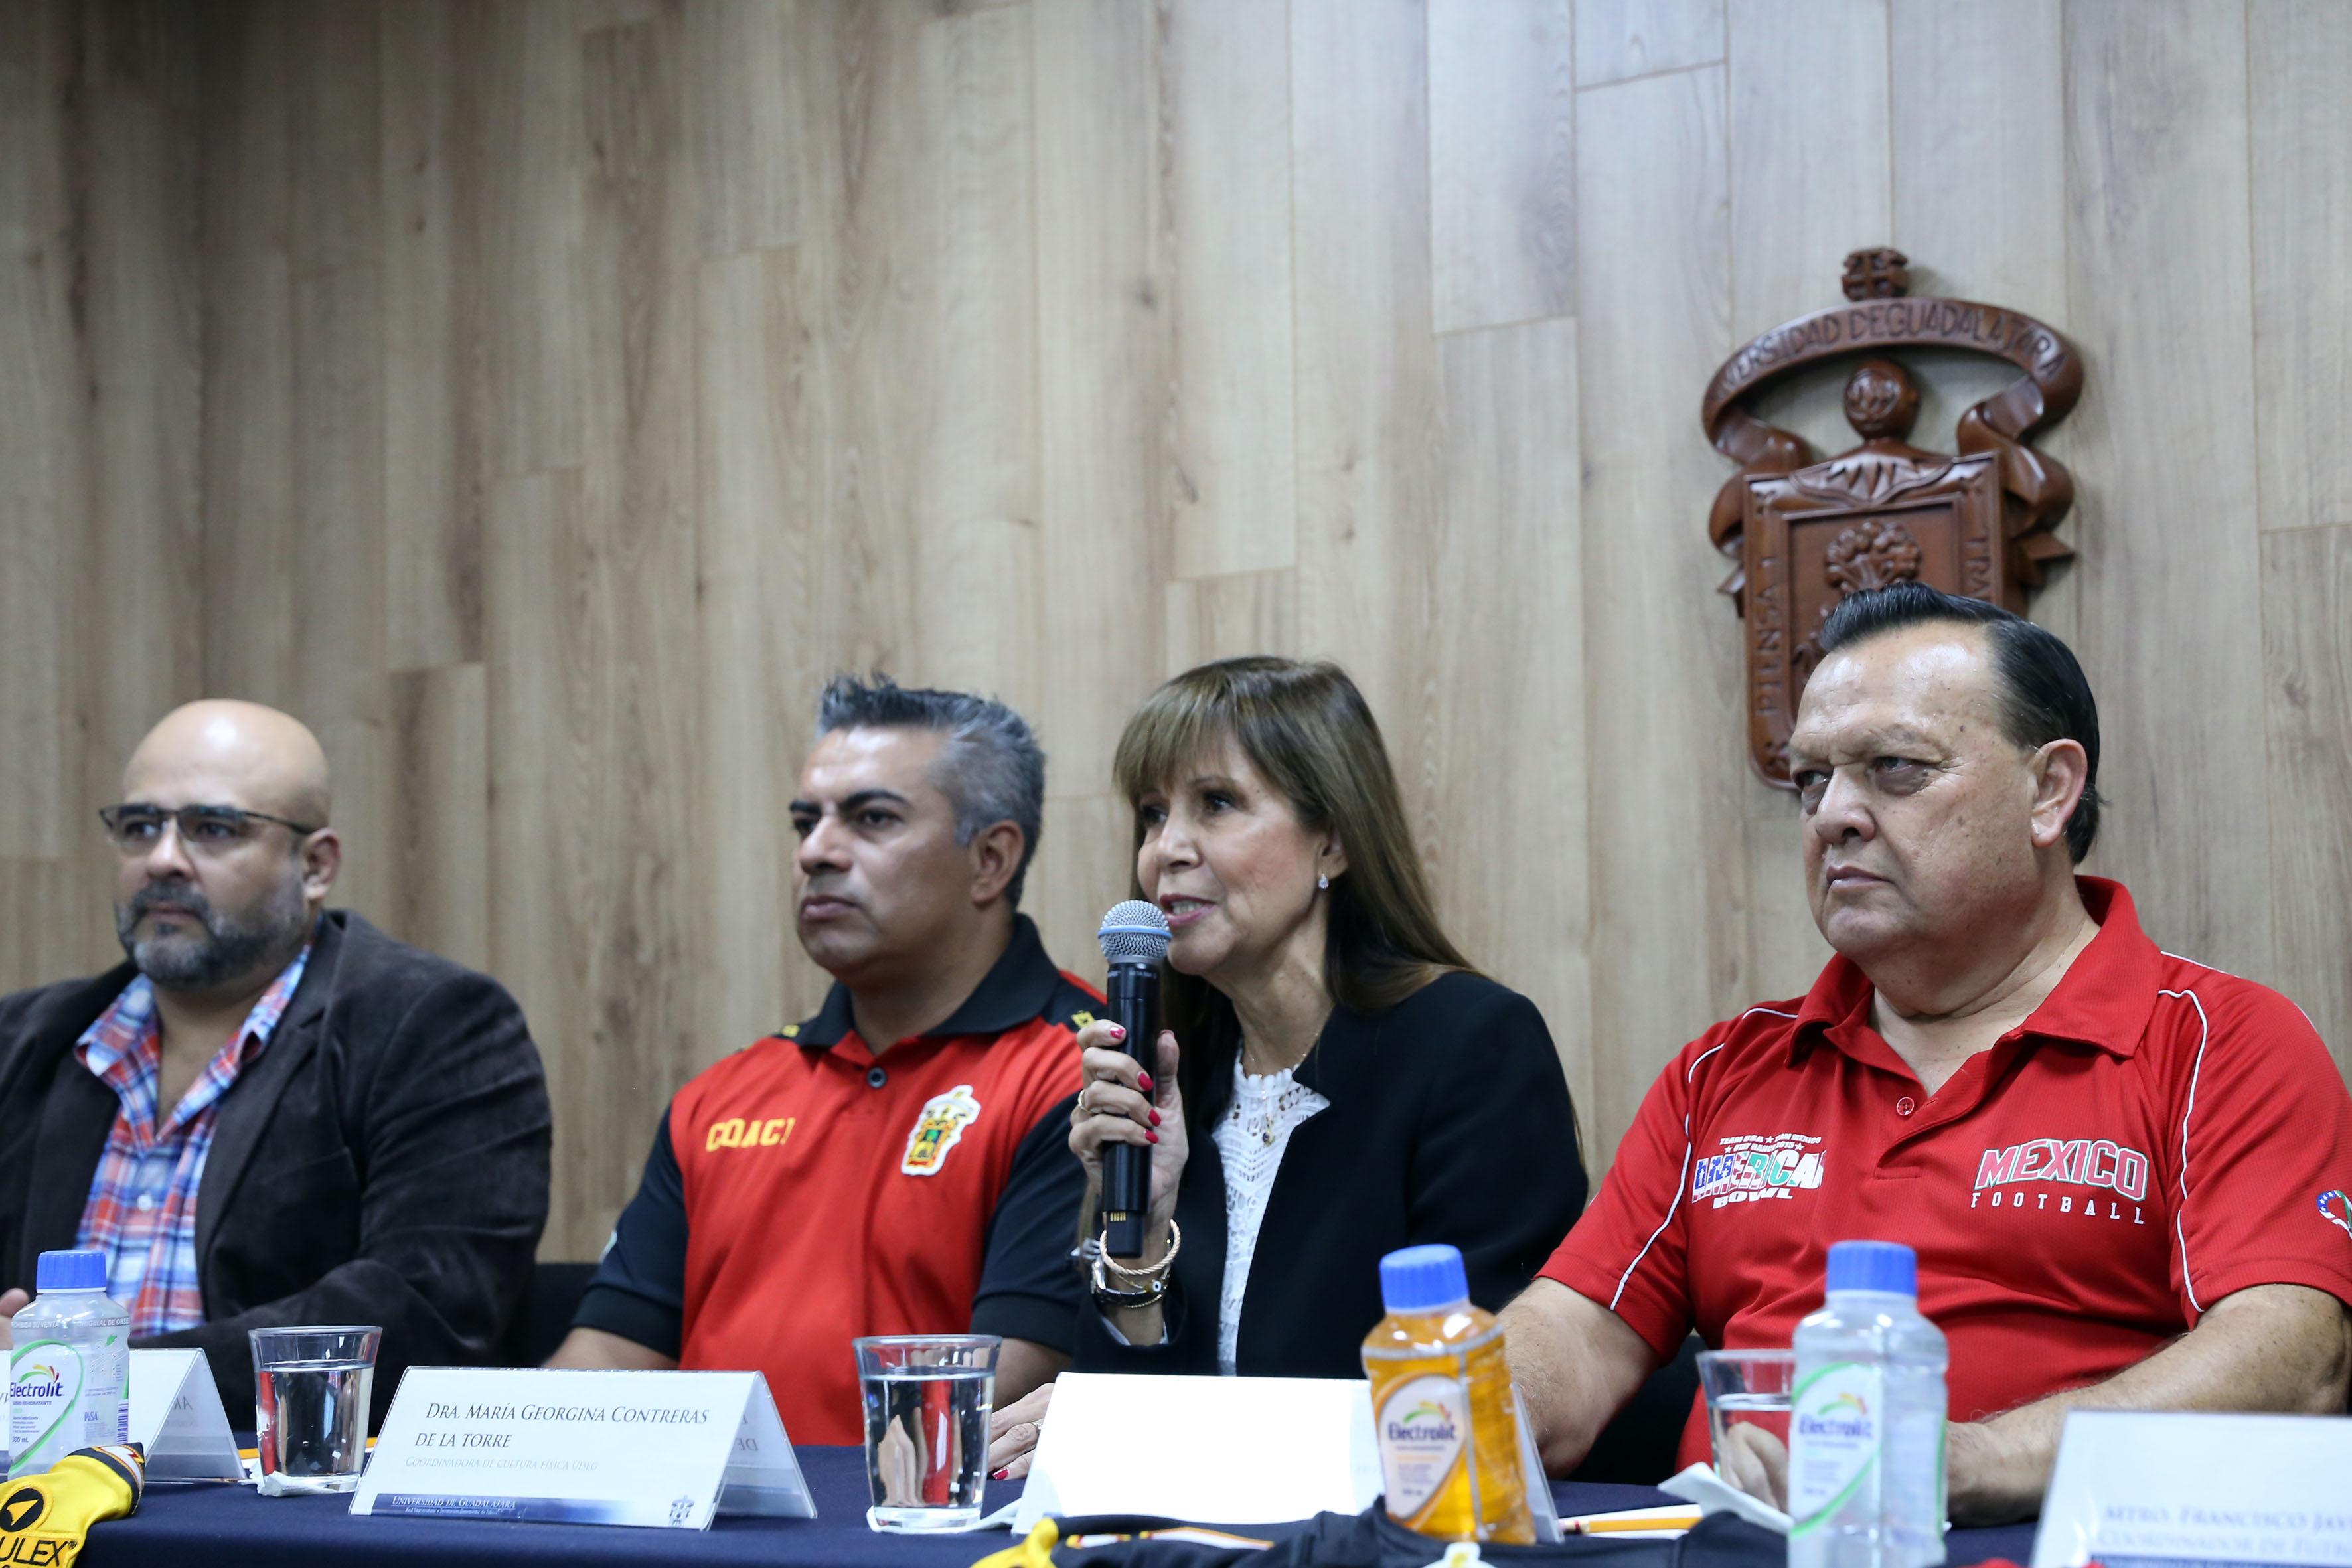 titular de la Coordinación de Cultura Física de la UdeG, doctora Georgina Contreras de la Torre, haciendo uso de la palabra en rueda de prensa